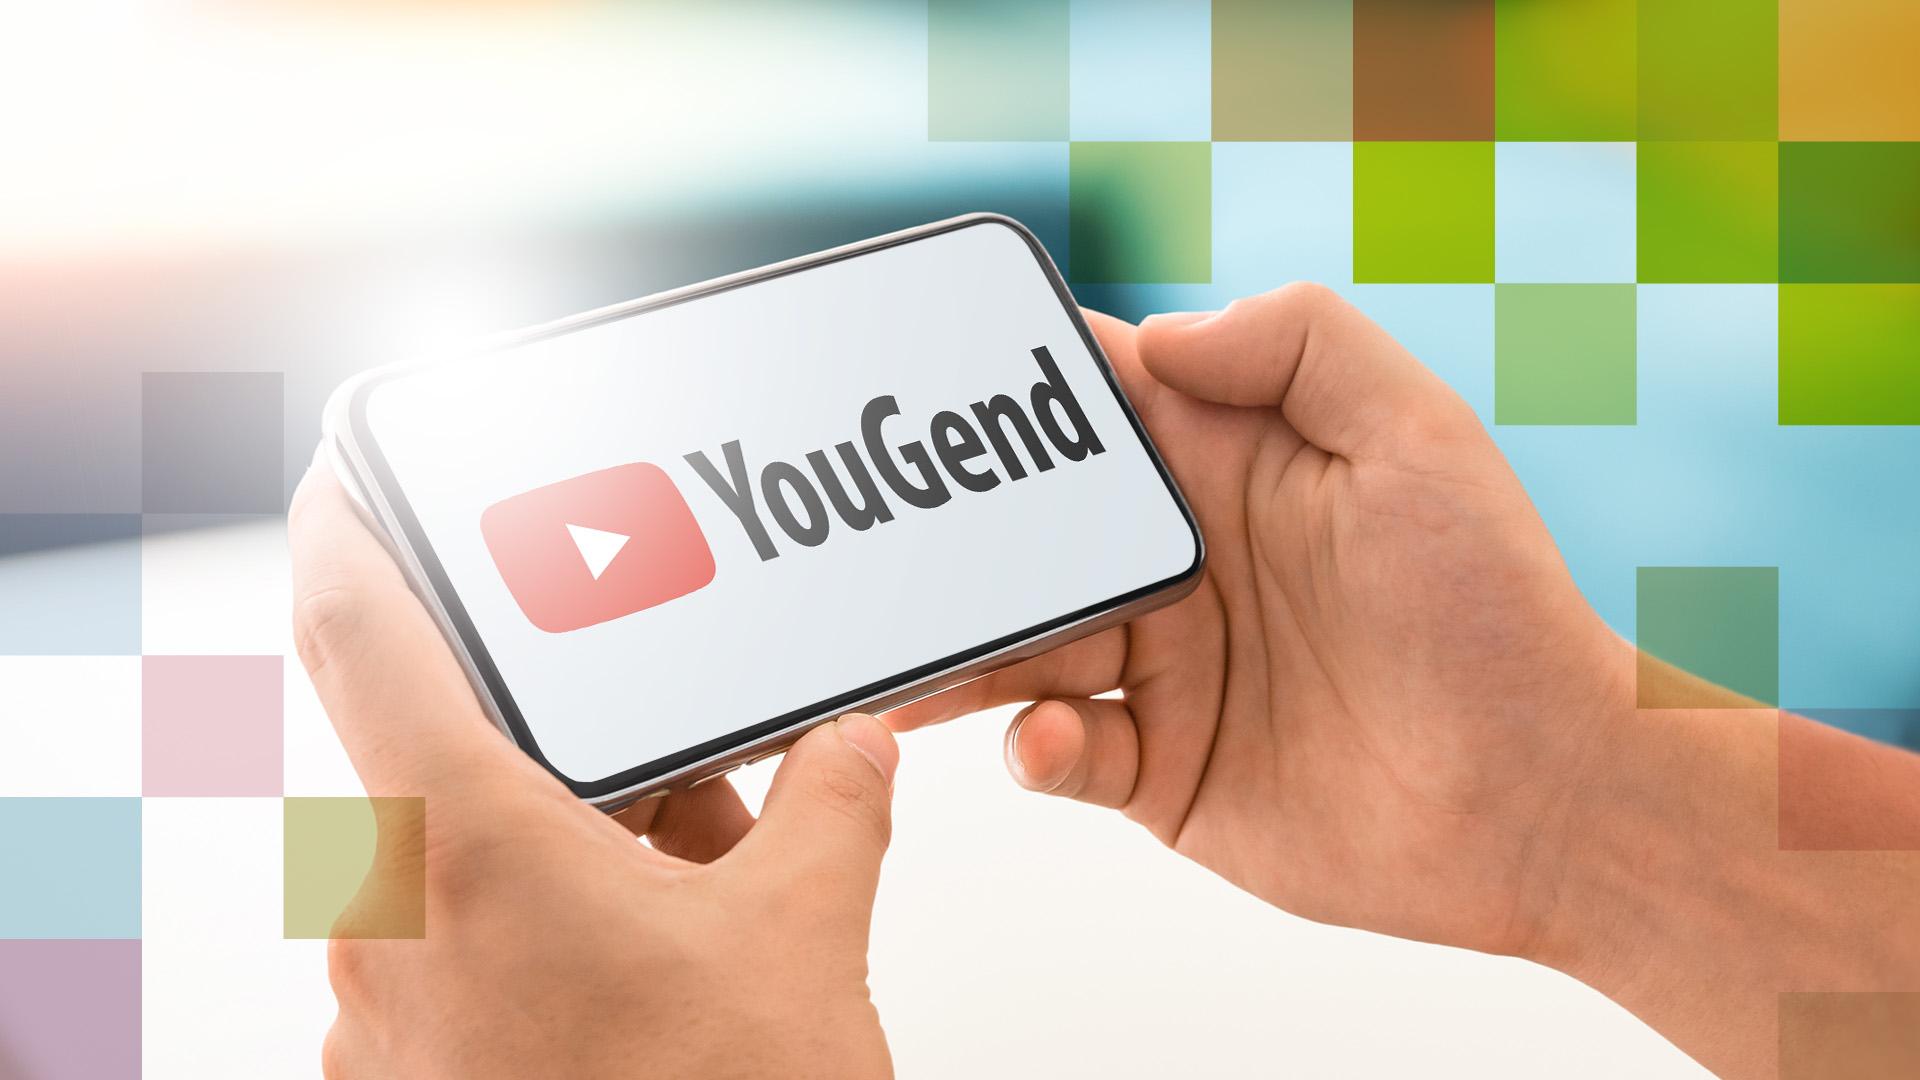 Smartphone umgeben von Pixelcloud, auf dem Display ist das YouTube Logo zusehen, daneben steht YouGend